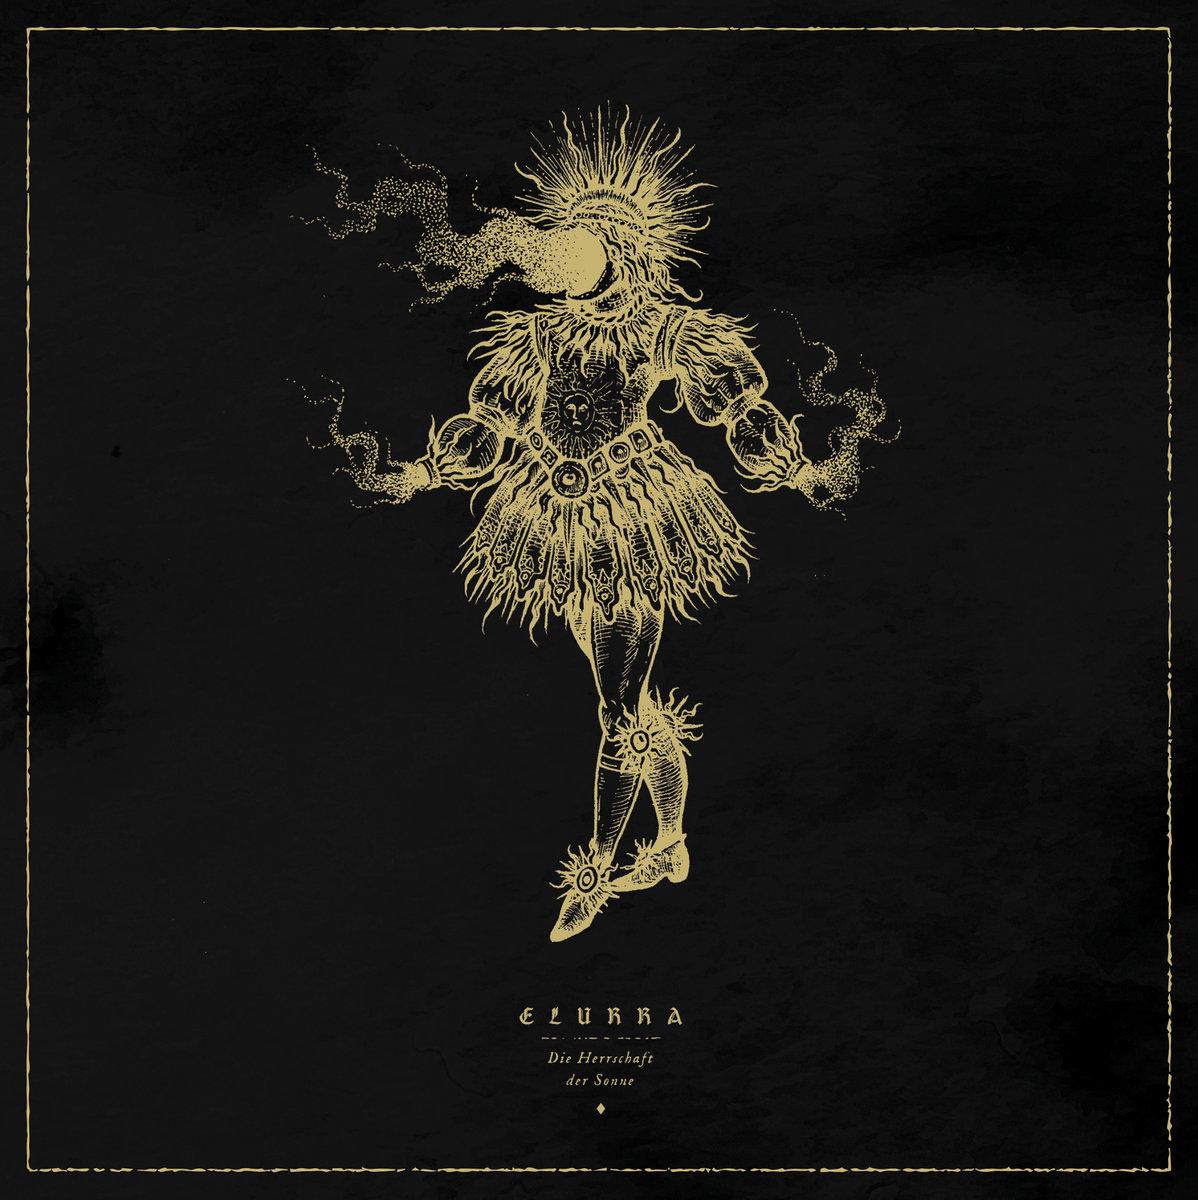 Elurra - Die Herrschaft der Sonne